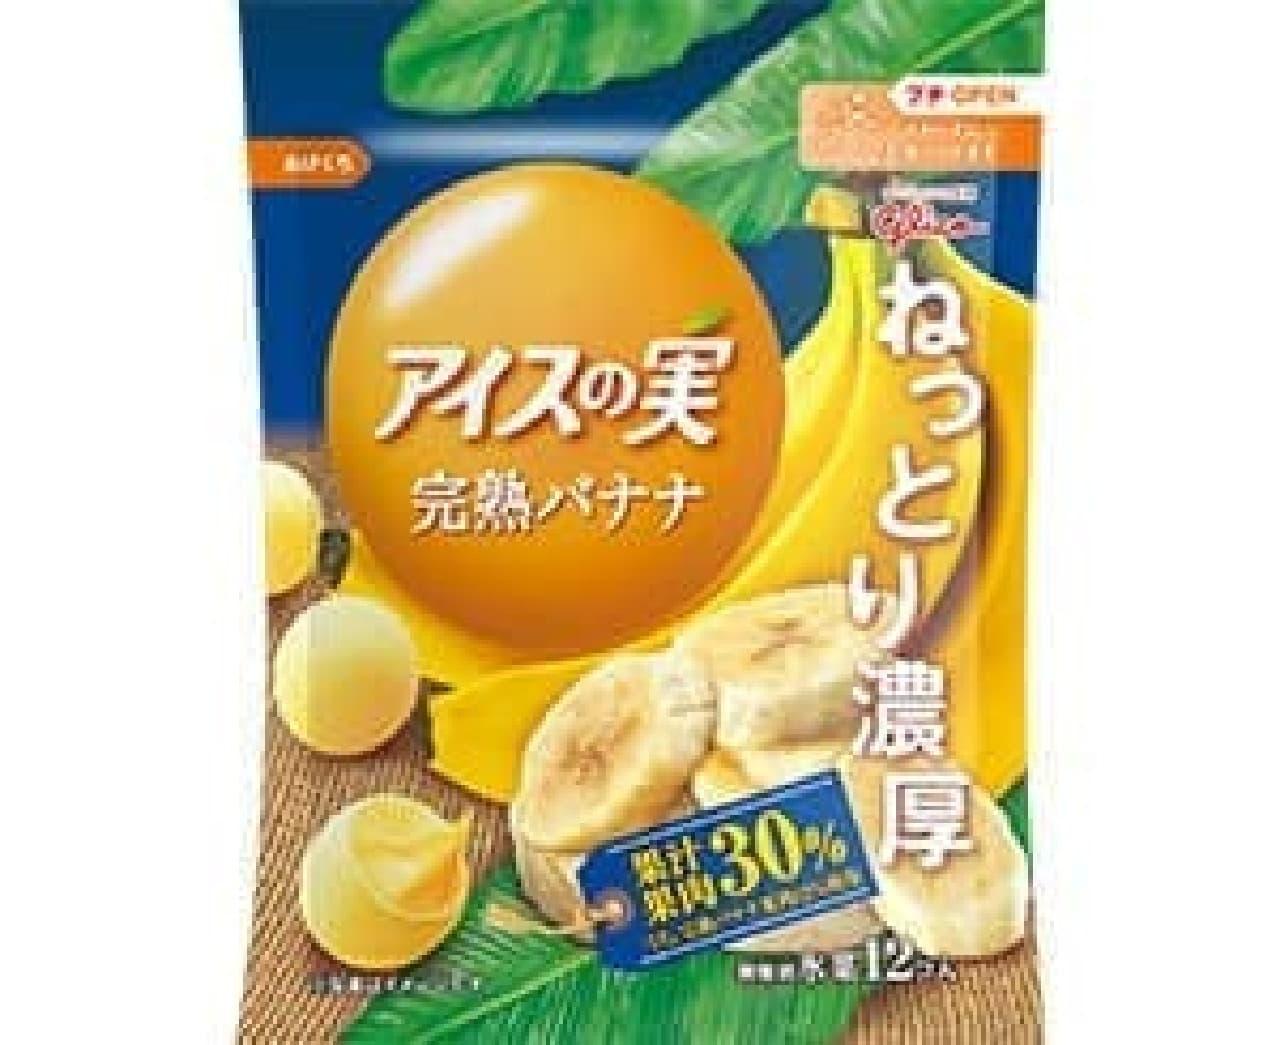 セブン限定「アイスの実 完熟バナナ」